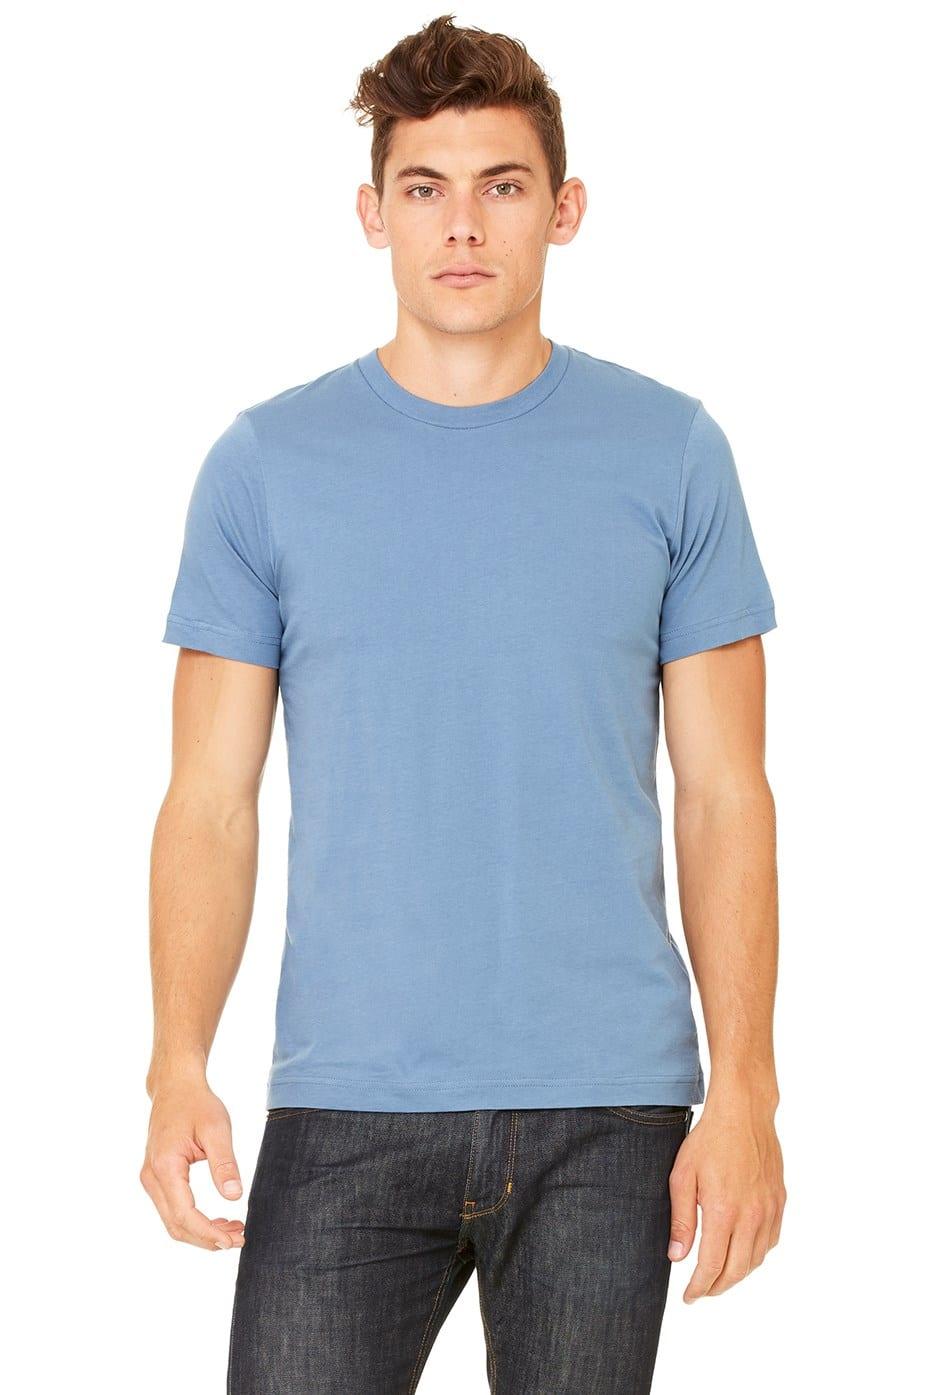 Bella Canvas 3001c Custom Shirt Bulk Custom Shirts